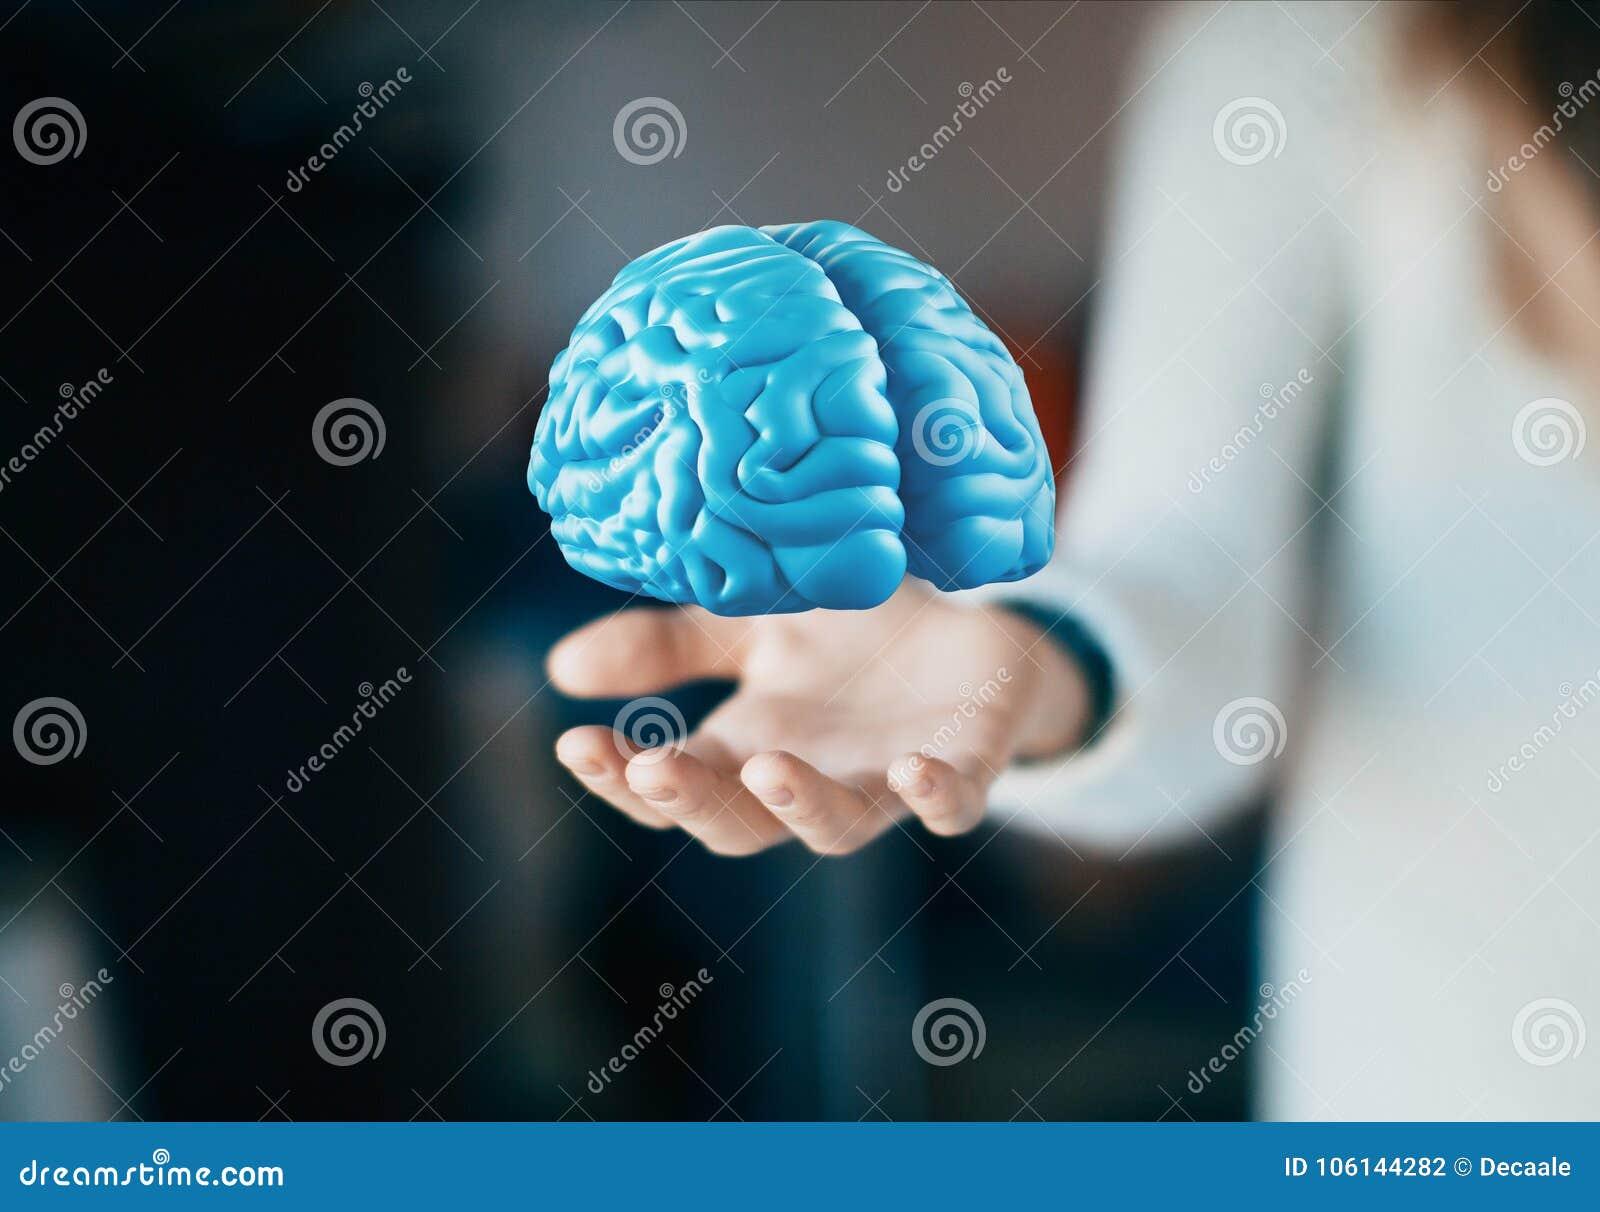 De menselijke hersenen op hand, denken, tumor, ideeën